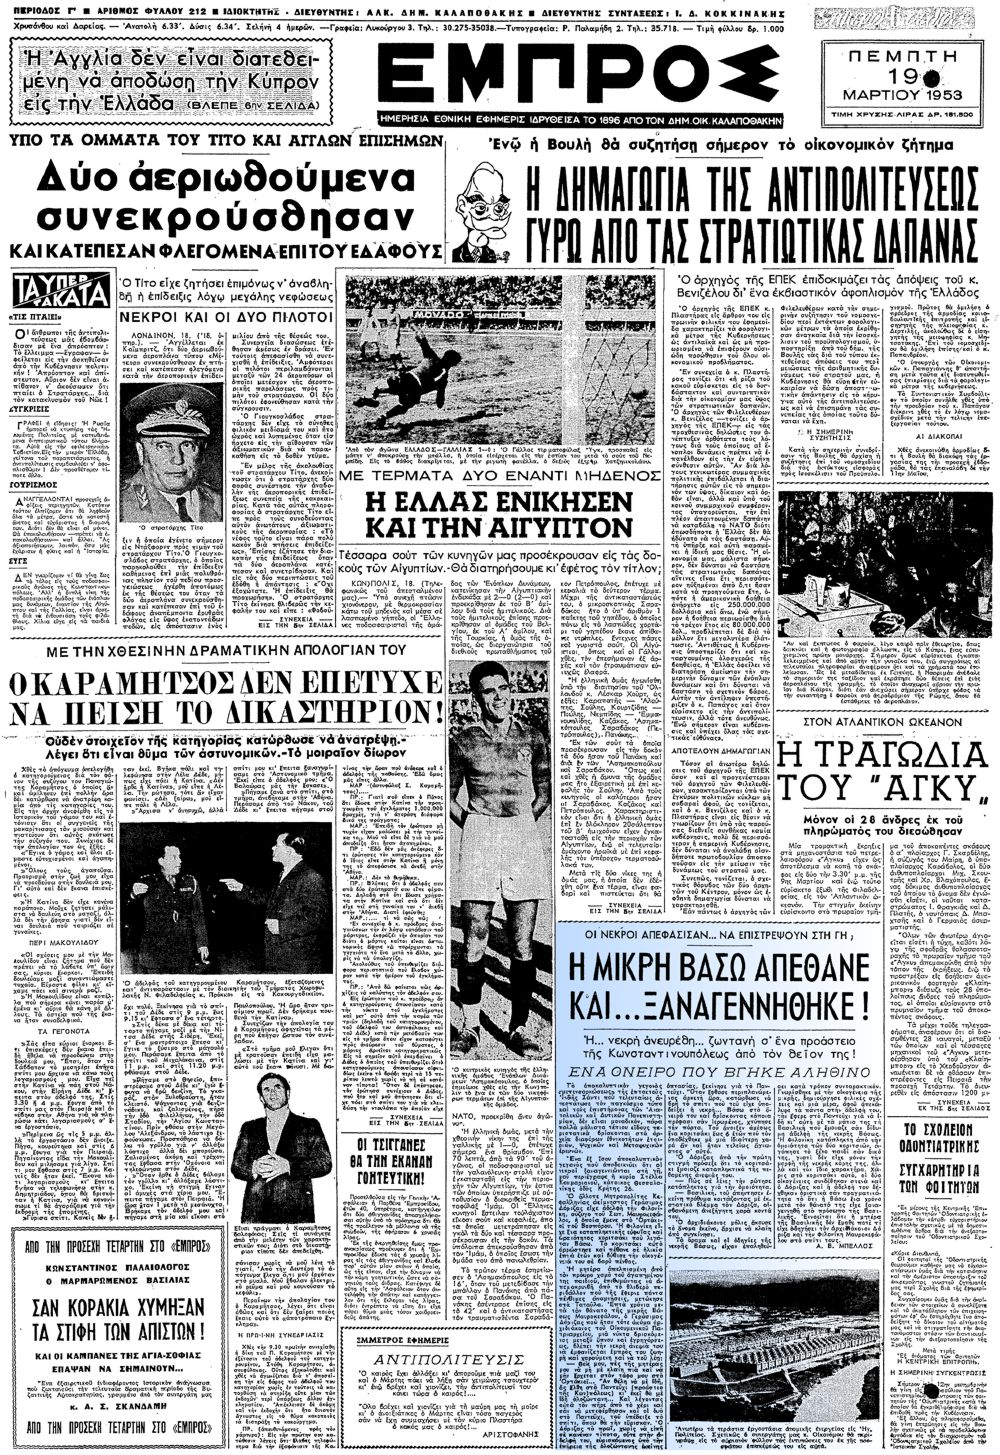 """Το άρθρο, όπως δημοσιεύθηκε στην εφημερίδα """"ΕΜΠΡΟΣ"""", την 19/03/1953"""